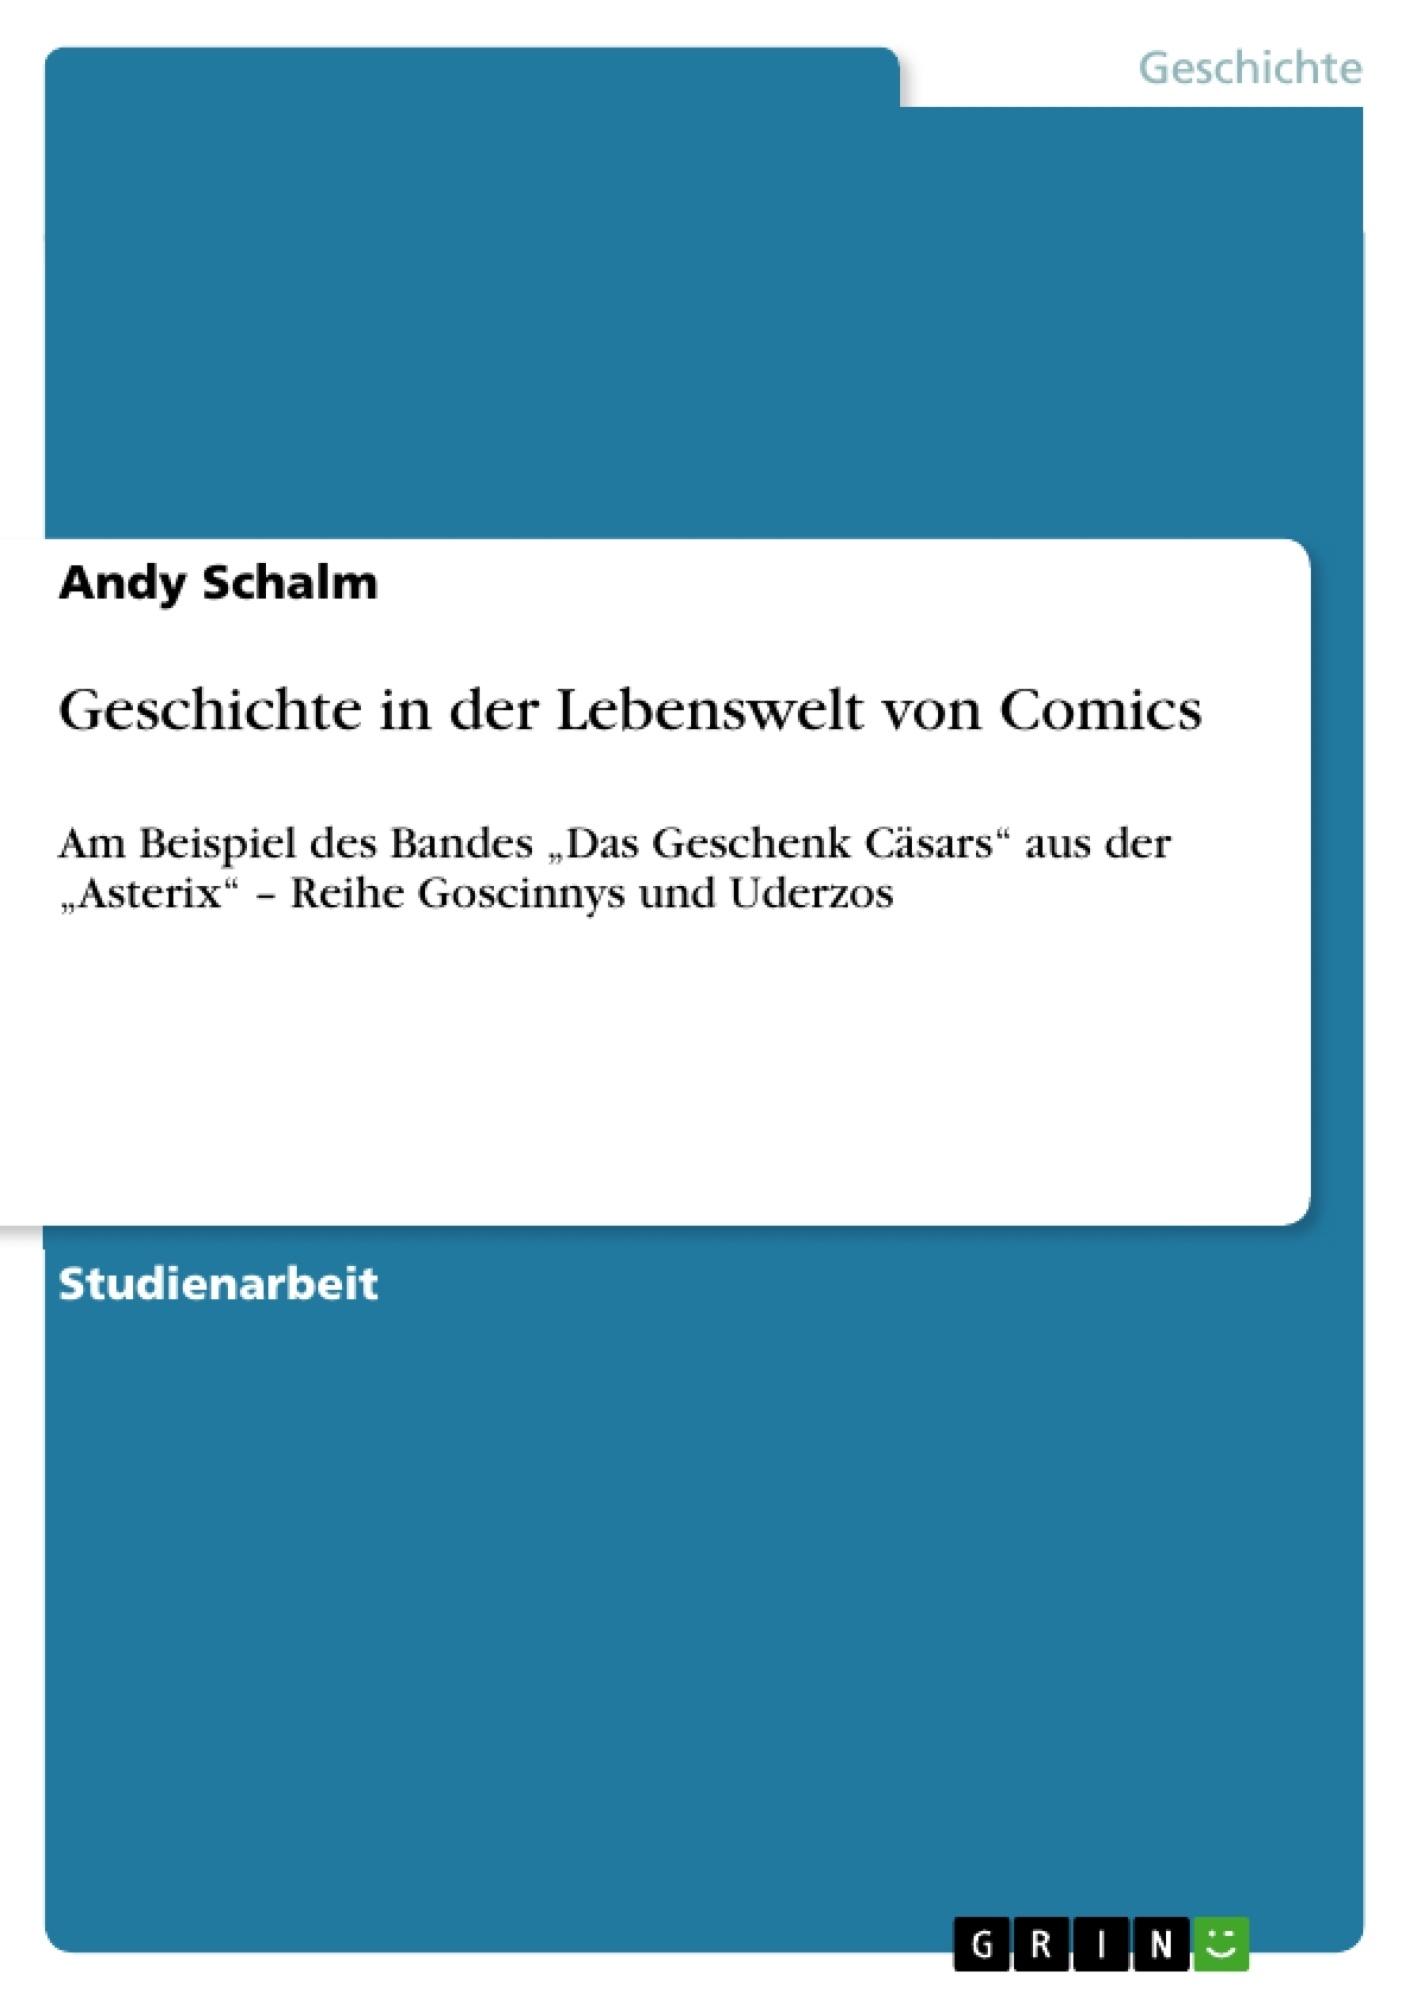 Titel: Geschichte in der Lebenswelt von Comics